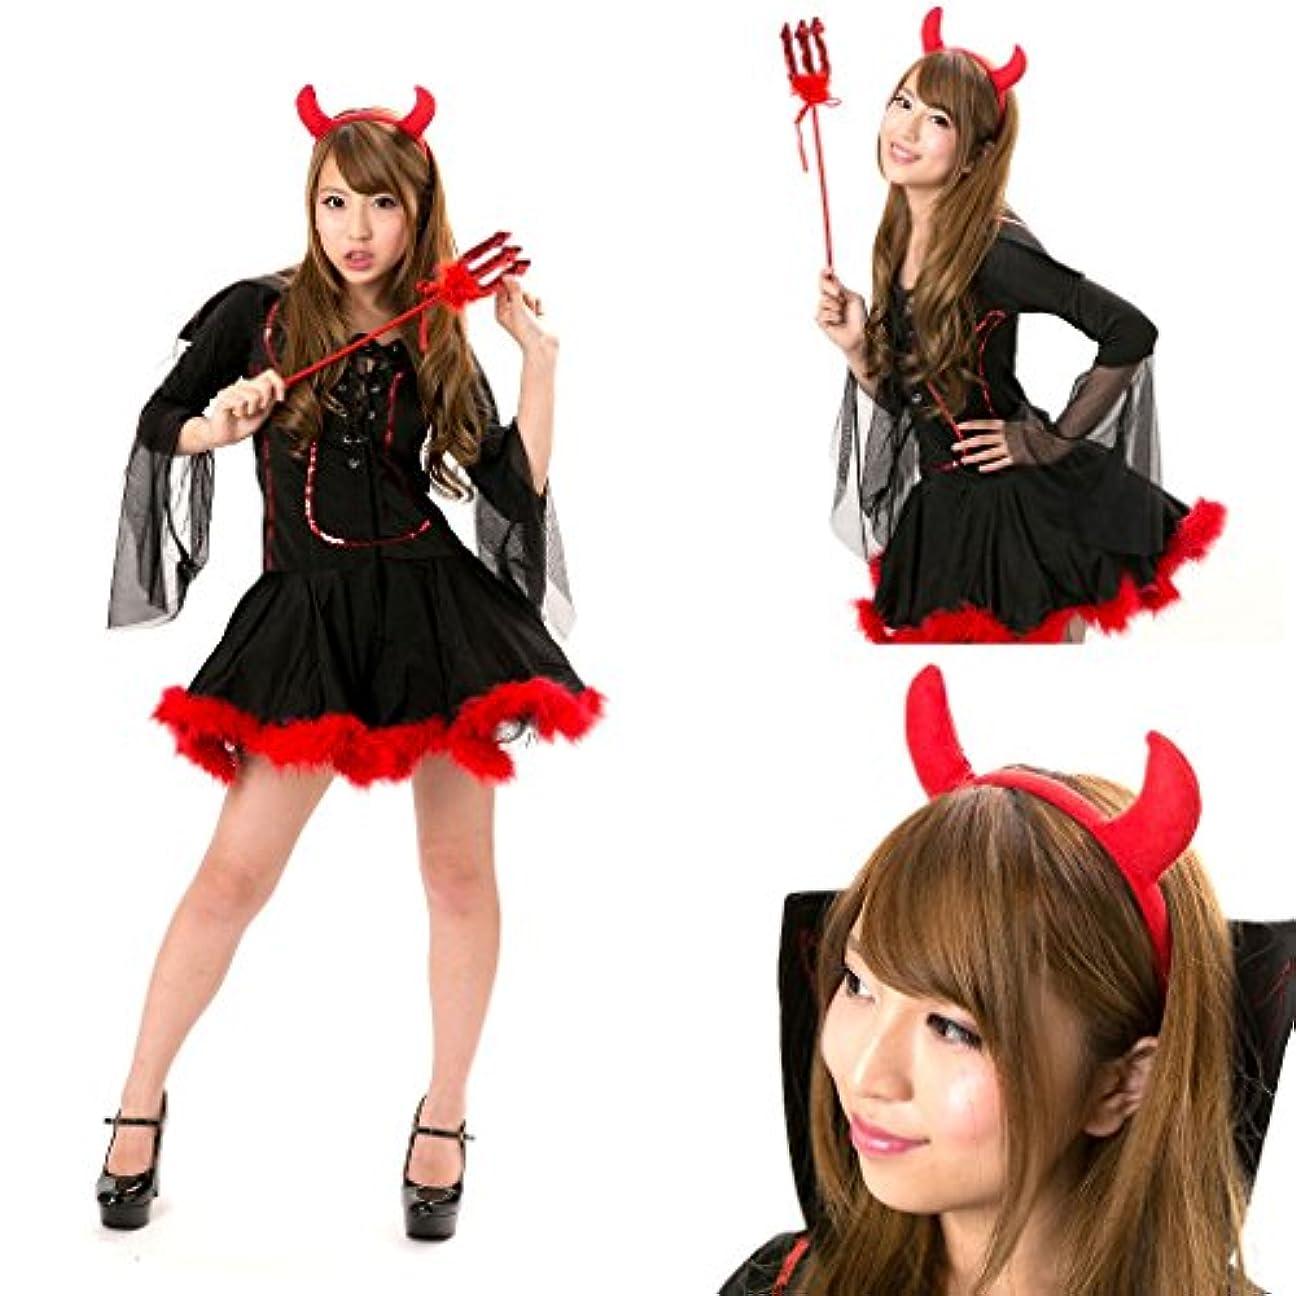 寺院スプーン助けになる小悪魔 コスチューム 衣装3点セット レディース フリーサイズ (M)